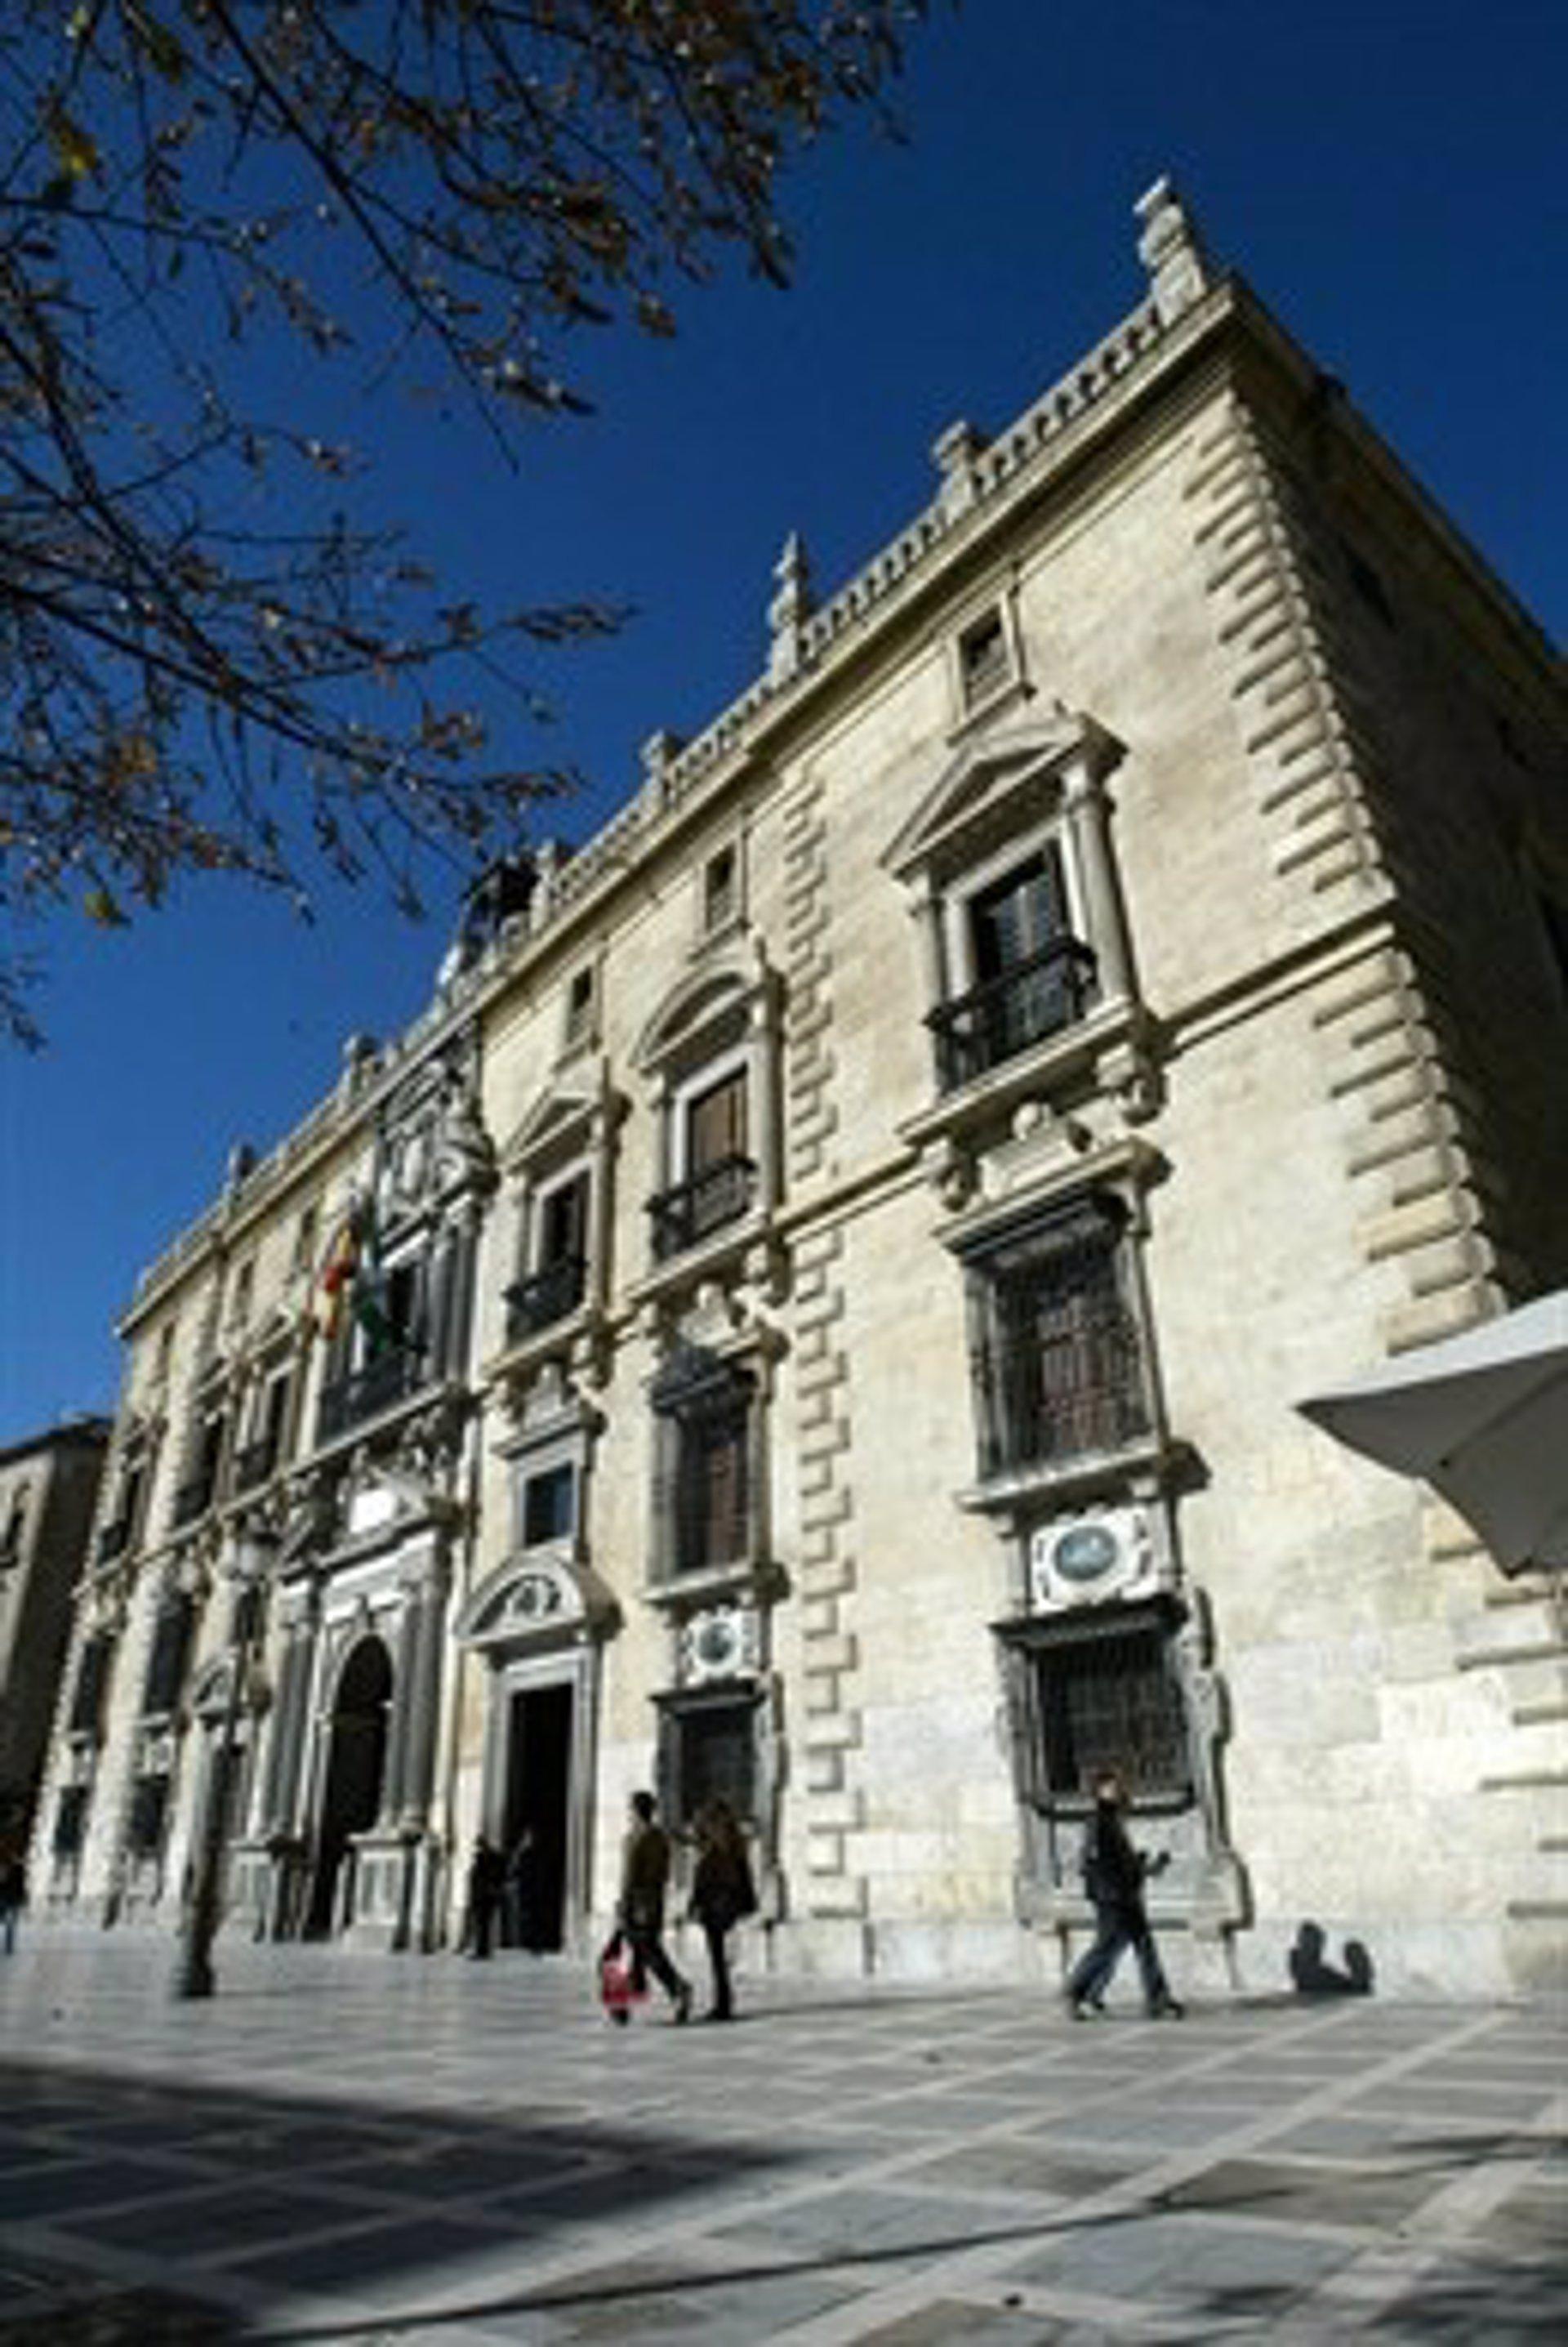 El TSJA recibe la orden de confinamiento de Montefrío dictada por la Junta y da traslado a Fiscalía